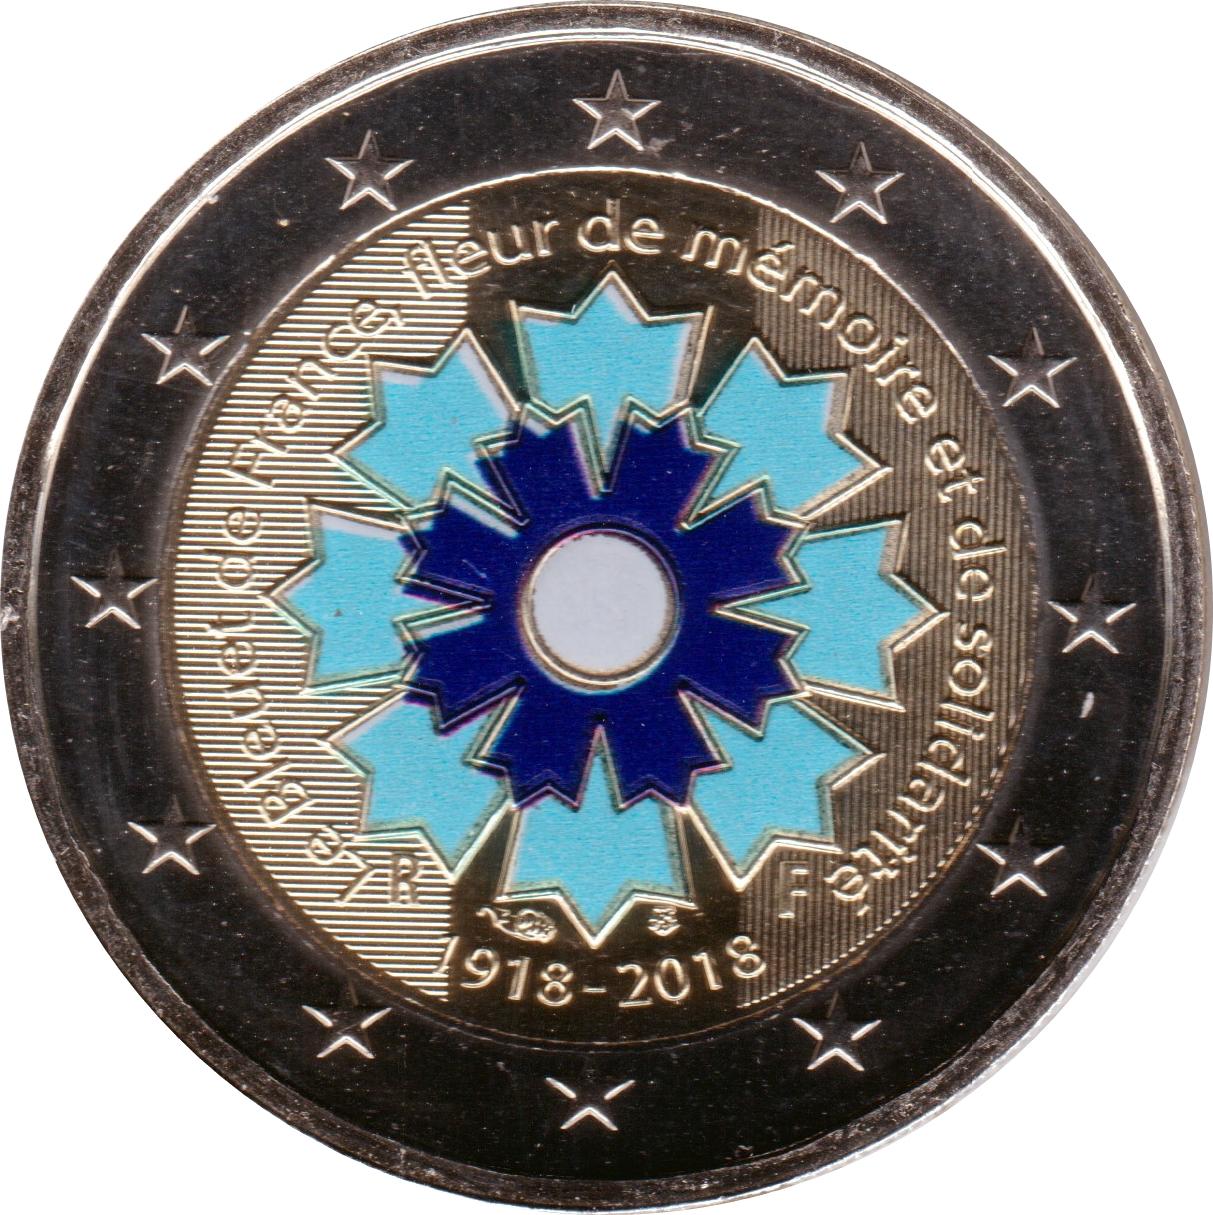 2 euros bleuet de france color e france numista - Coloriage fleur bleuet ...